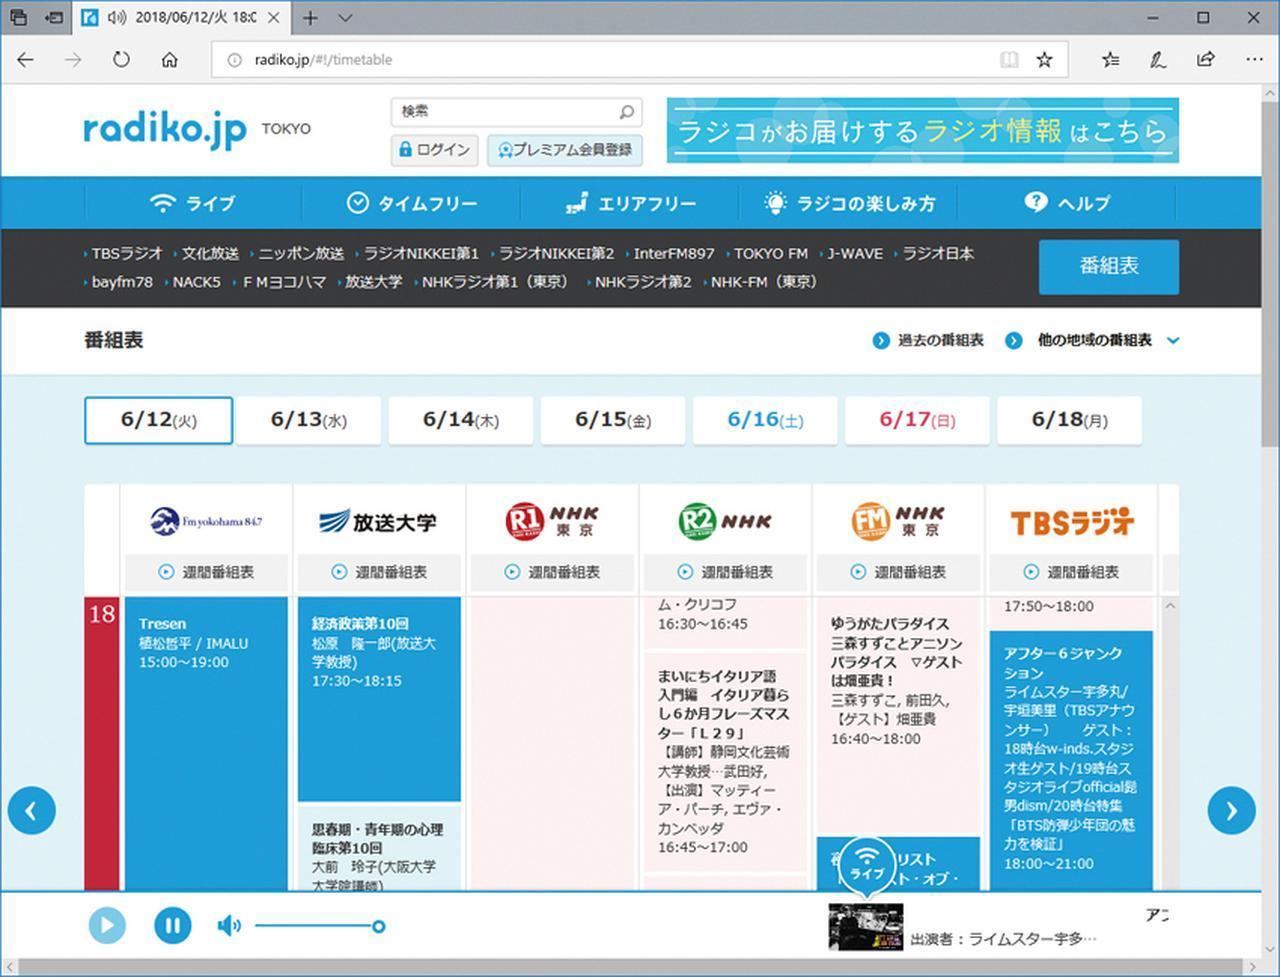 画像: パソコンの場合は、「Chrome」や「Edge」などのウエブブラウザーから受信地域の番組表を確認し、そのまま番組を聴ける。